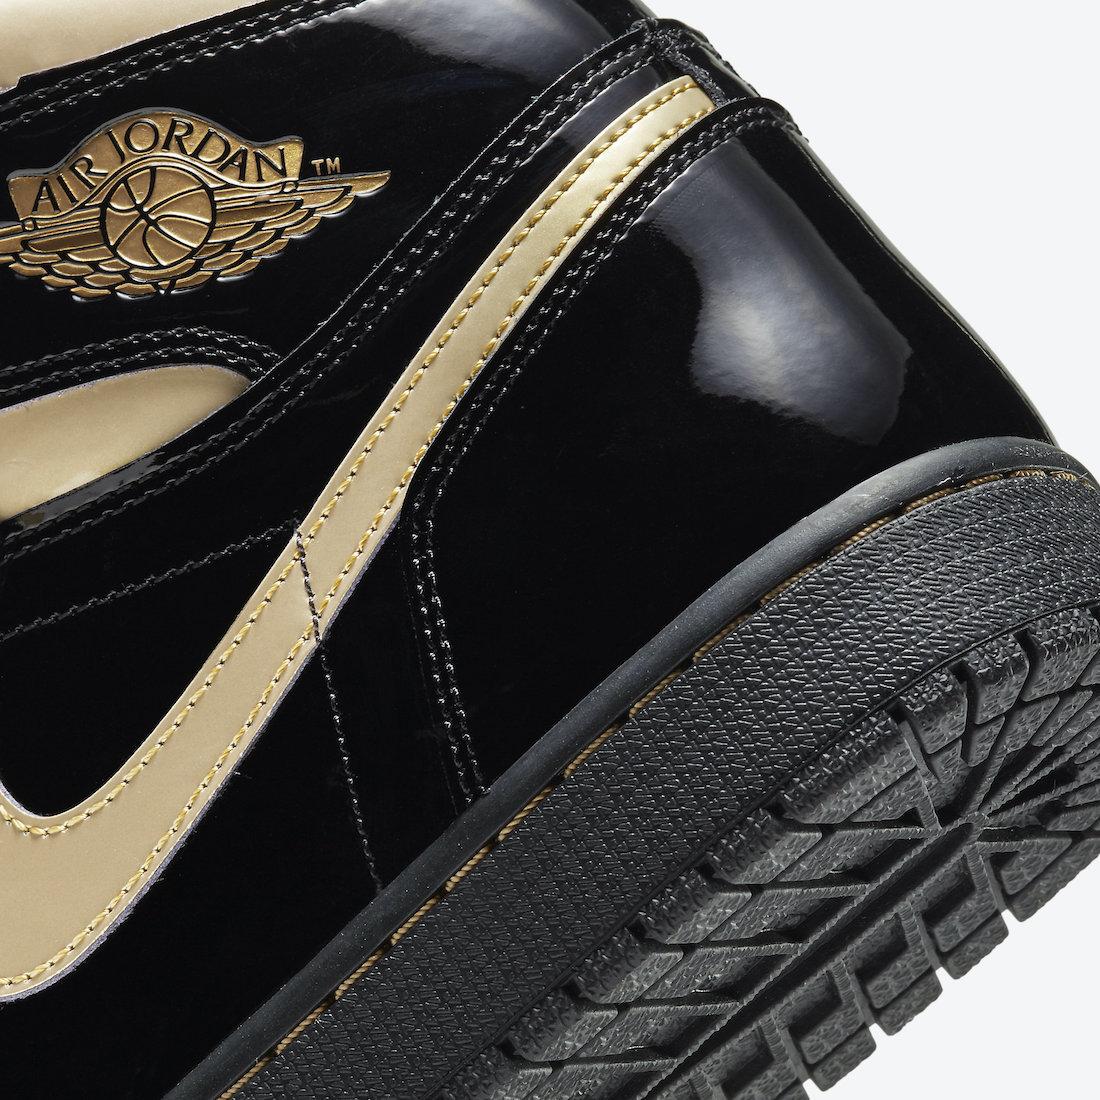 Air Jordan 1 'Patent Black Gold' 555088-032 6